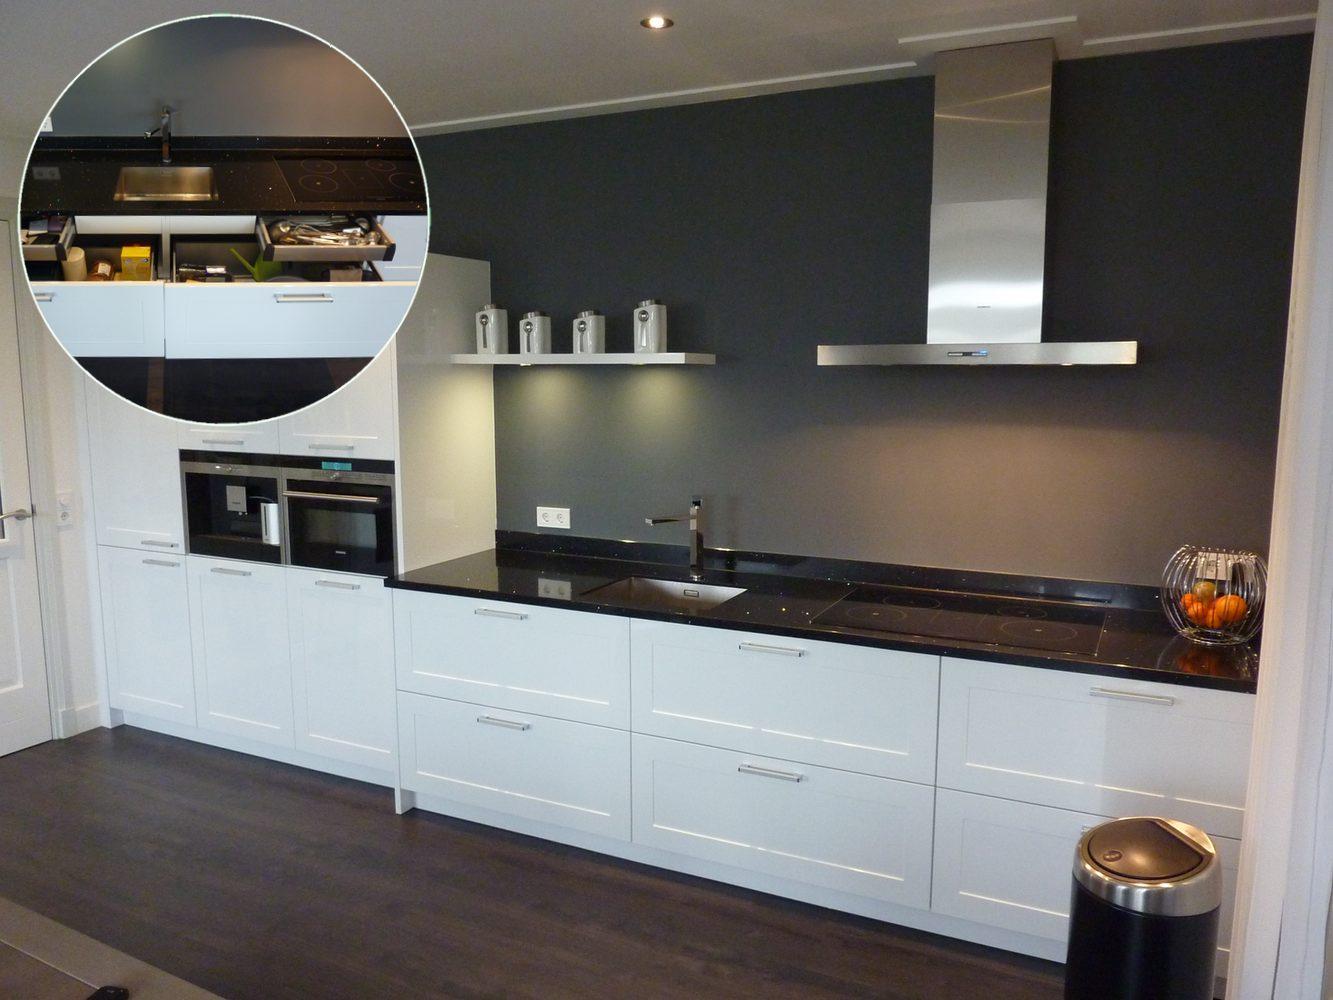 Kosten Keuken Zonder Apparatuur : graniet werkblad keuken Keuken Gordijnen com